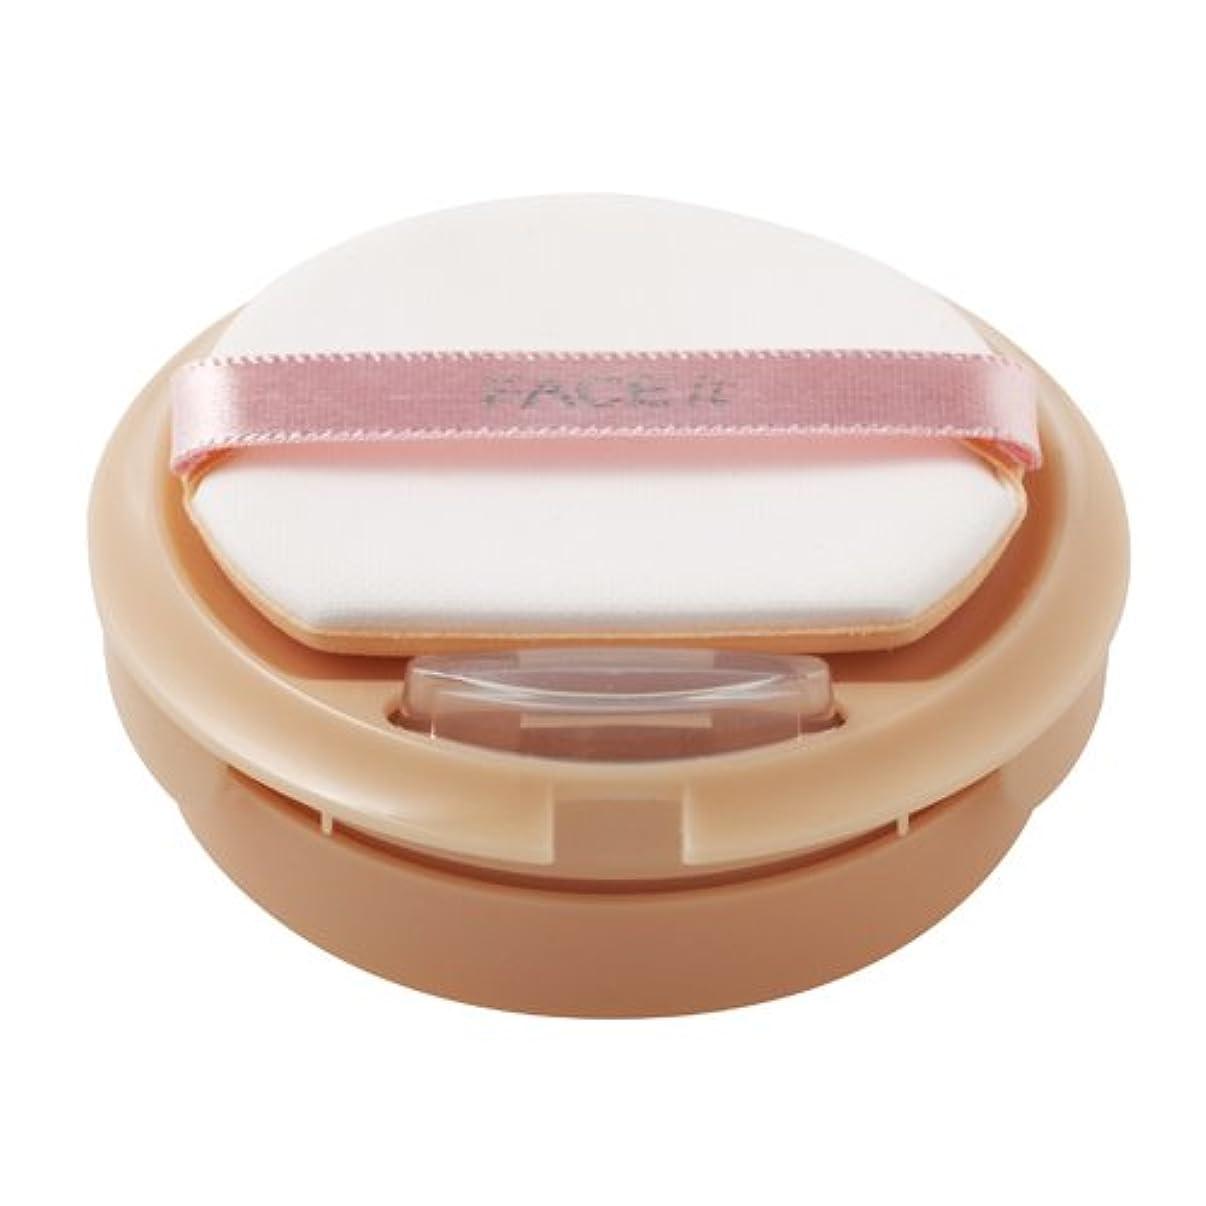 あたたかい体系的に光沢のある[Refill] # 01 Radiant Beige THE FACE SHOP Face It Aura Color Control Cream ザフェイスショップ フェイスイット アウラ カラーコントロール クリーム...